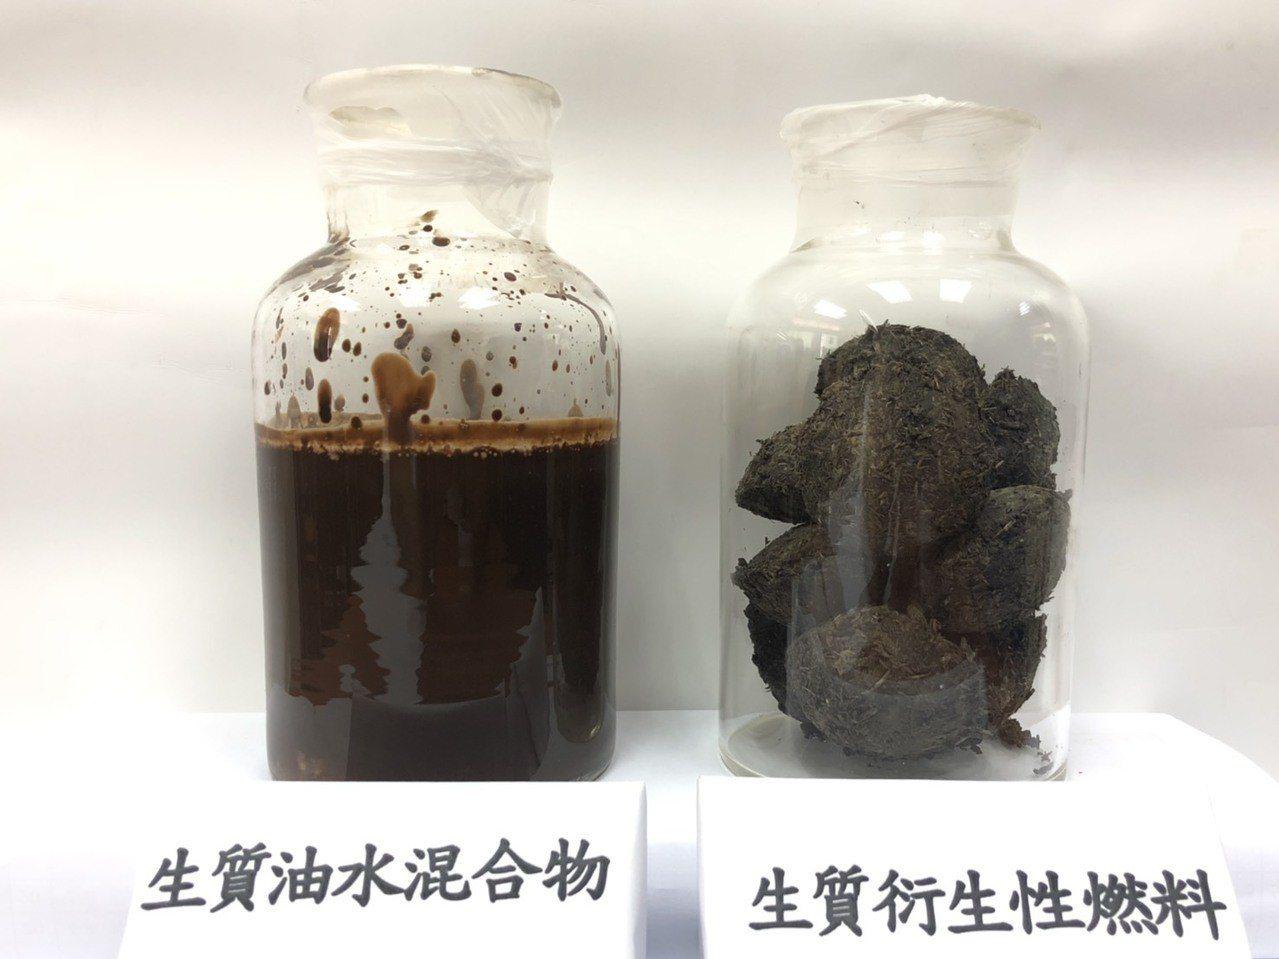 中華醫事科大教授郭益銘成功將生質廢油(左)提煉成高熱能燃料。圖/校方提供